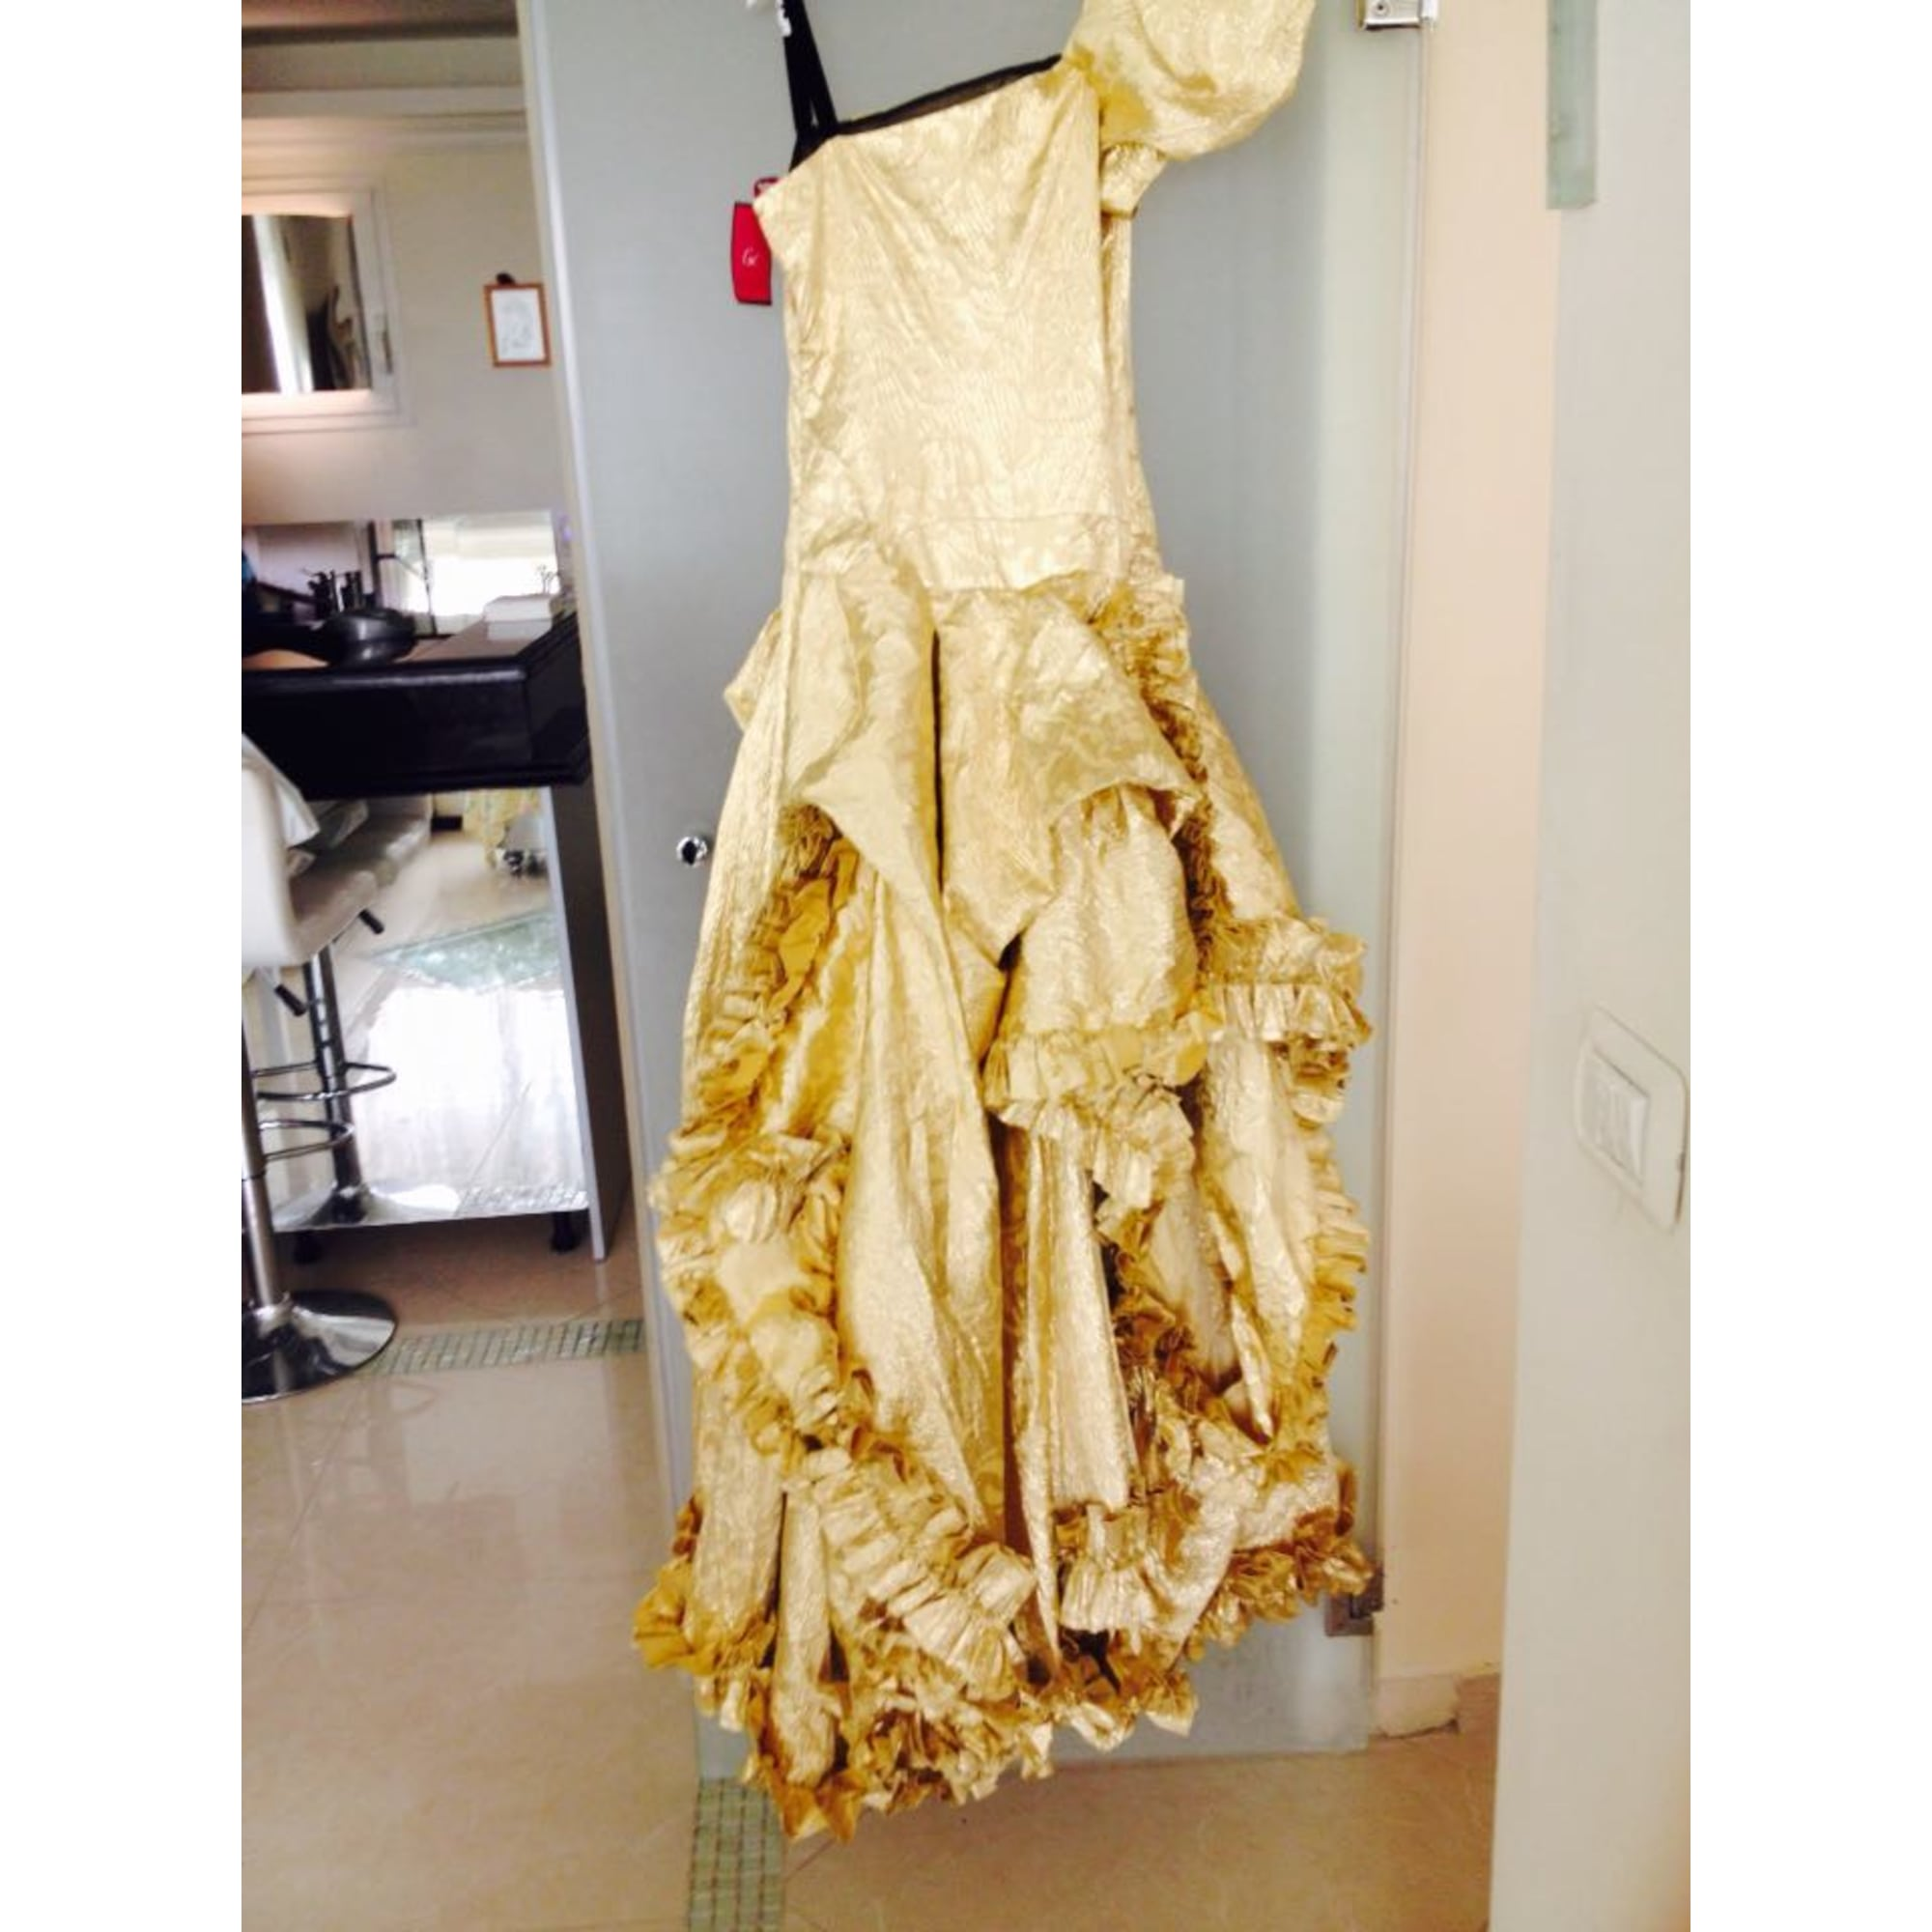 Robe de mariée CHRISTIAN LACROIX 38 (M, T2) doré - 3988509